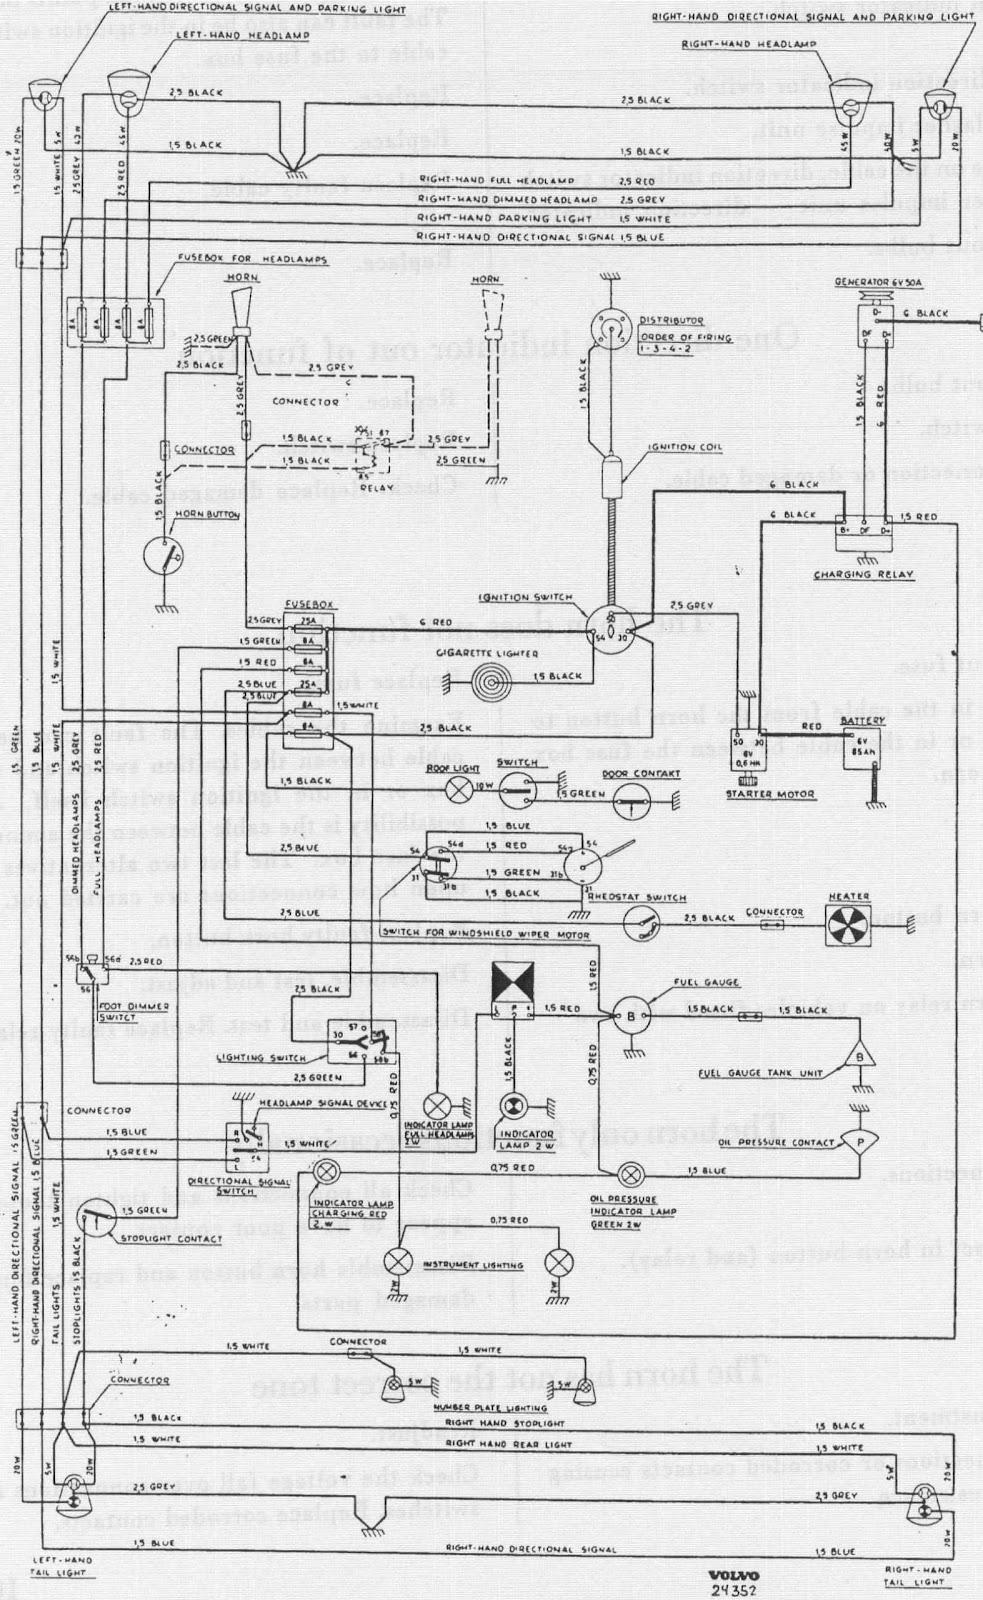 99 Volvo Truck Ignition Wiring Diagram | Wiring Diagram on 2001 volvo wiring diagrams, 2006 freightliner wiring diagrams, ford wiring diagrams, 2006 ford 750 wire diagrams, sterling truck wiring diagrams, volvo penta ignition wiring diagrams, kenworth wiring schematics wiring diagrams, 2006 peterbilt wiring diagrams, heavy truck wiring diagrams, 1957 gmc truck wiring diagrams,